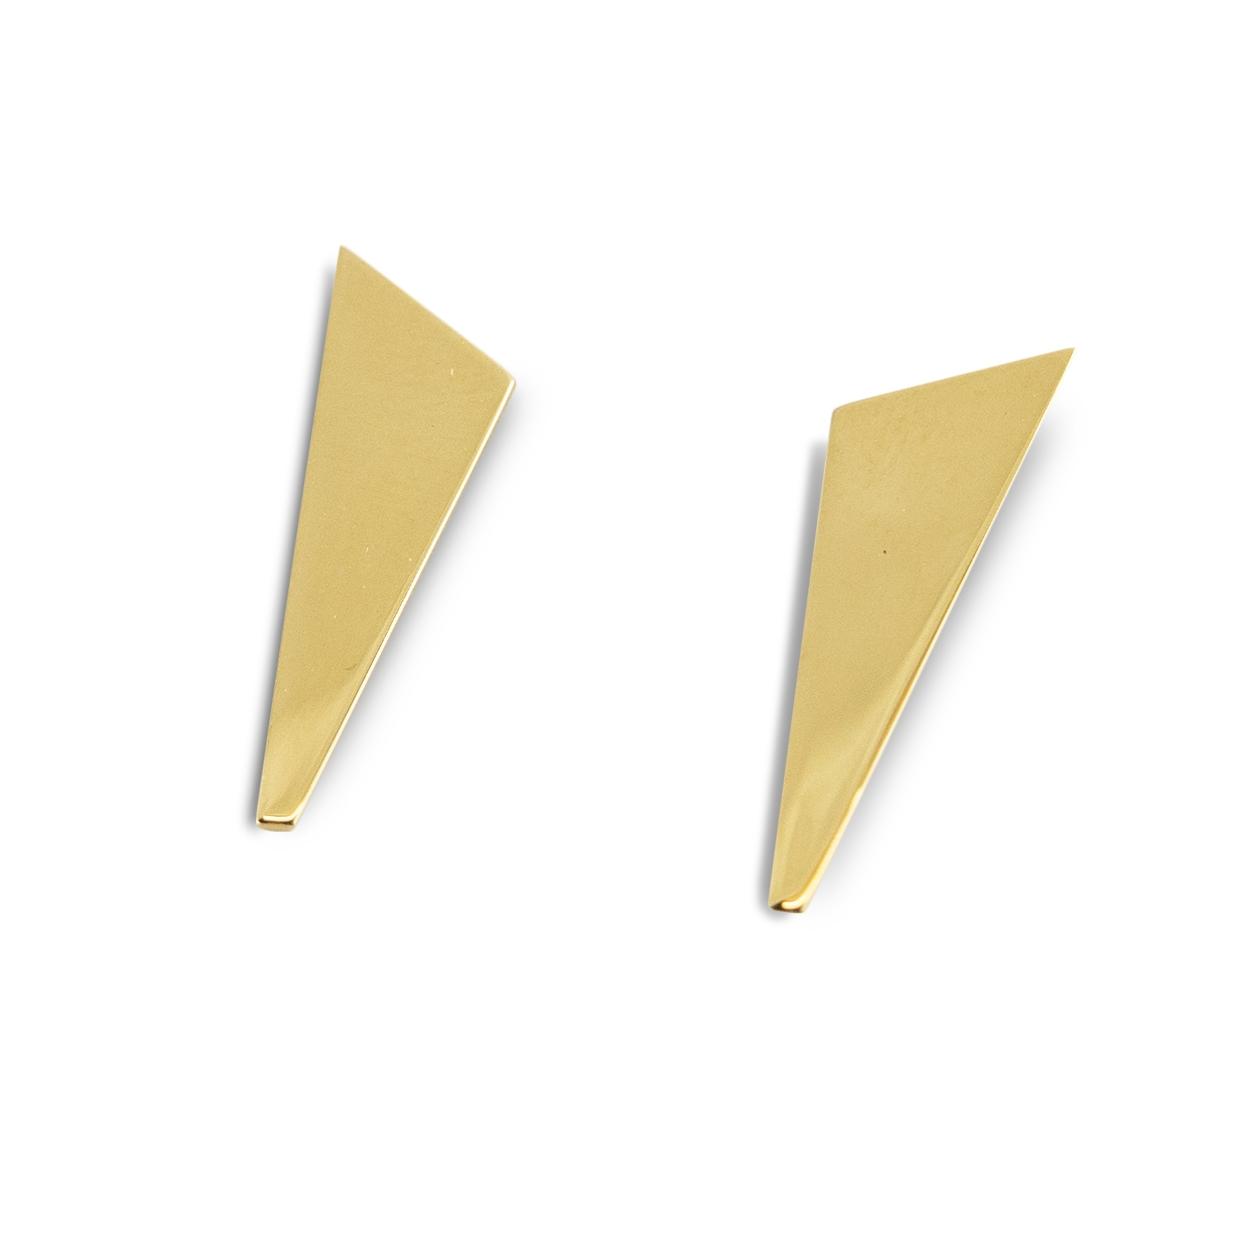 almost triangular